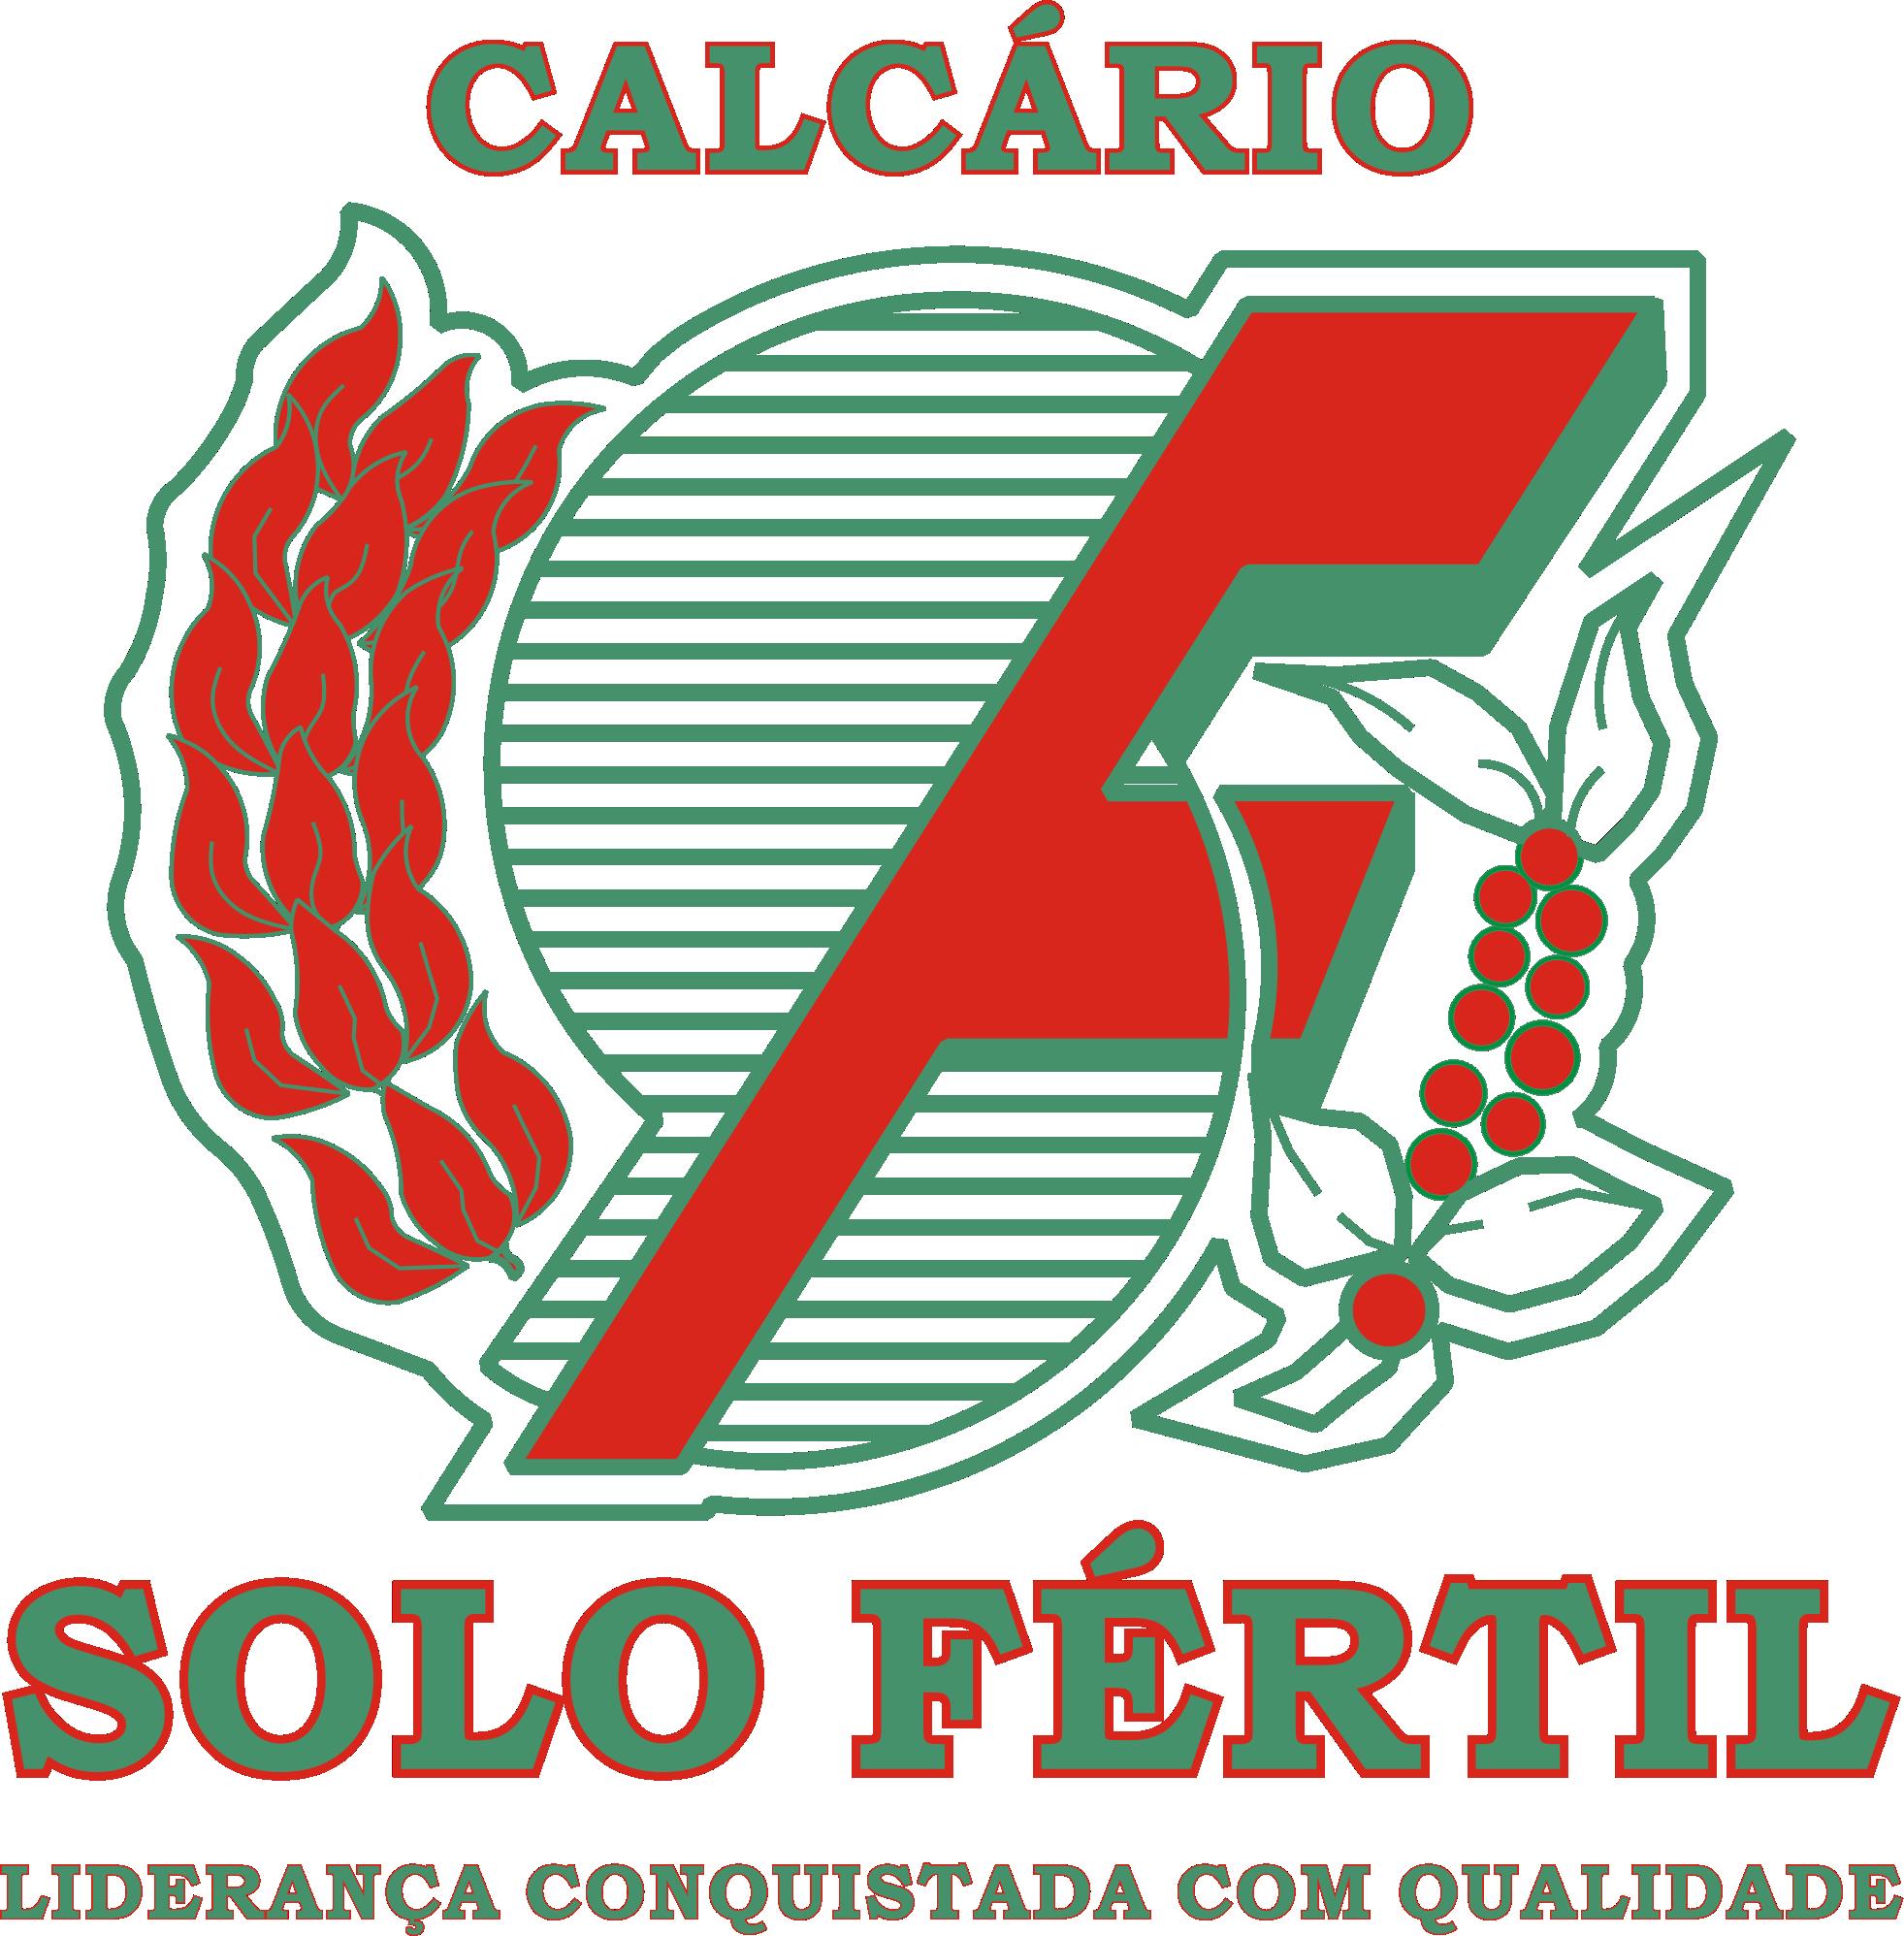 Calcário Solo Fértil